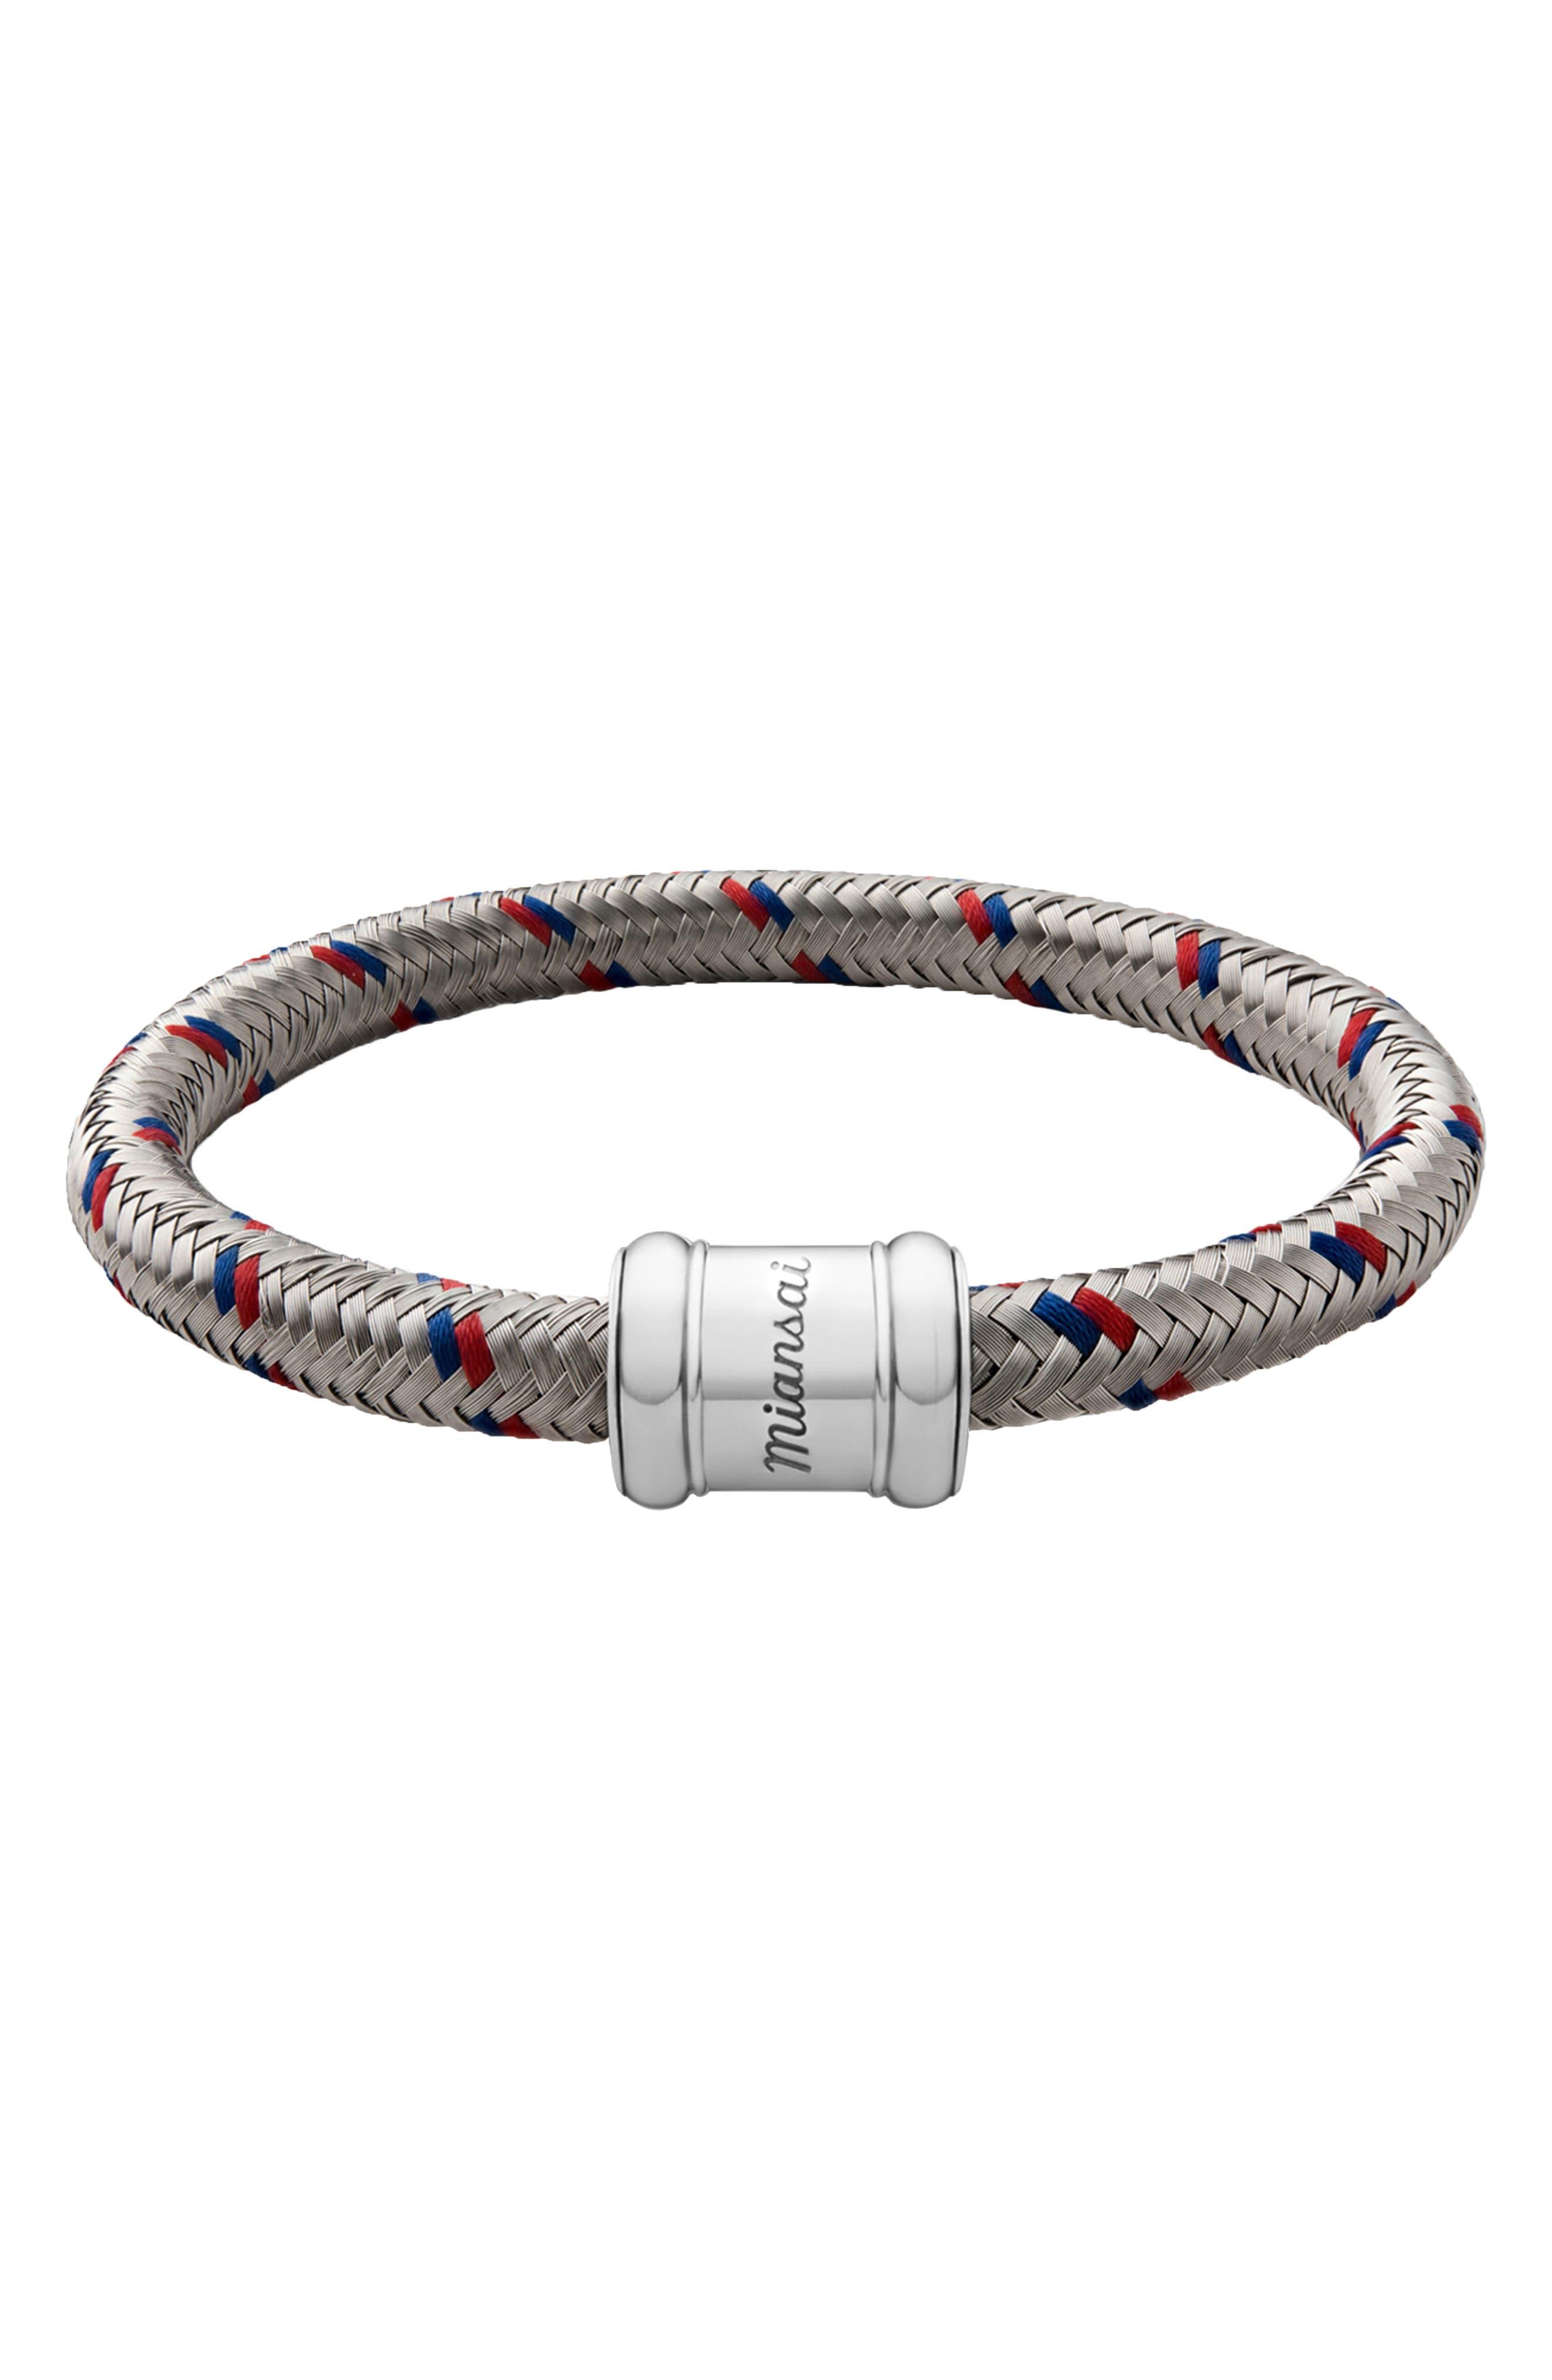 Rope Bracelet,                         Main,                         color, RED/ BLUE